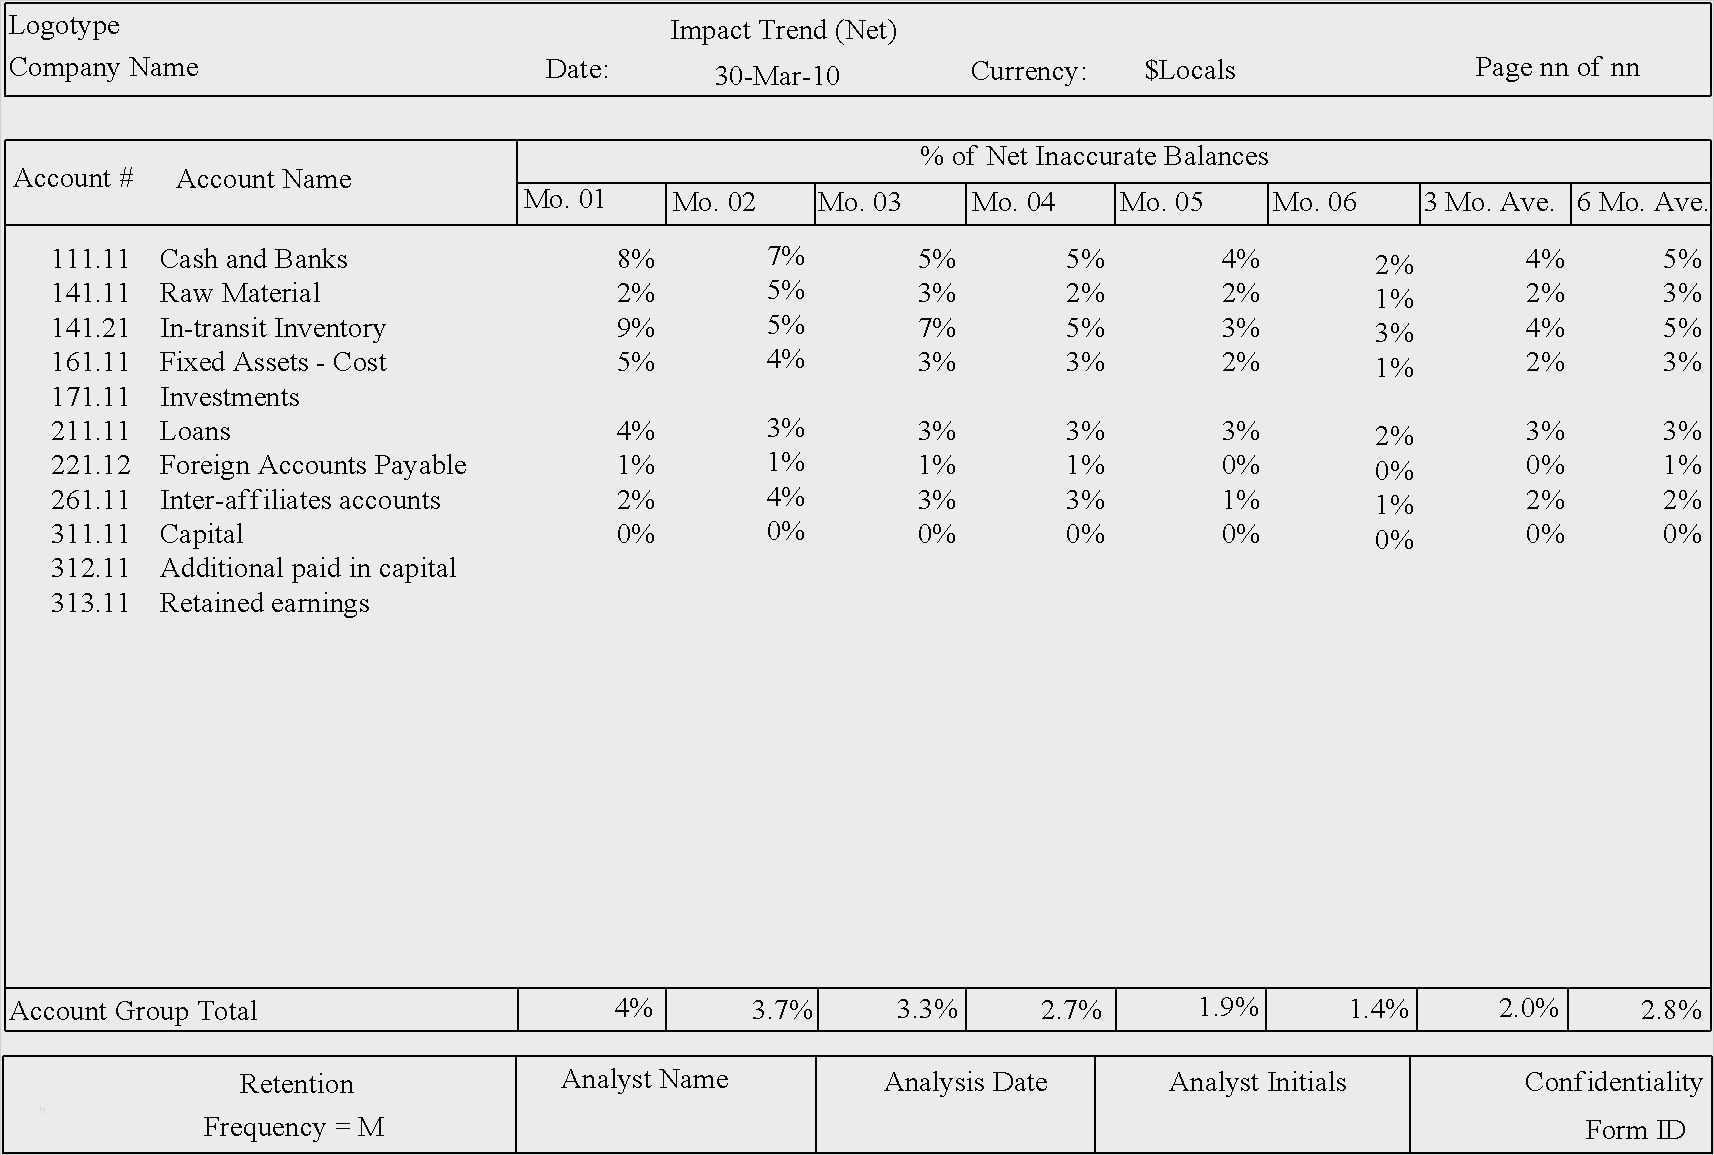 Erstaunlich Intercompany Abstimmung Excel Vorlage Solche Konnen Anpassen In Microsoft Word Excel Vorlage Microsoft Word Vorlagen